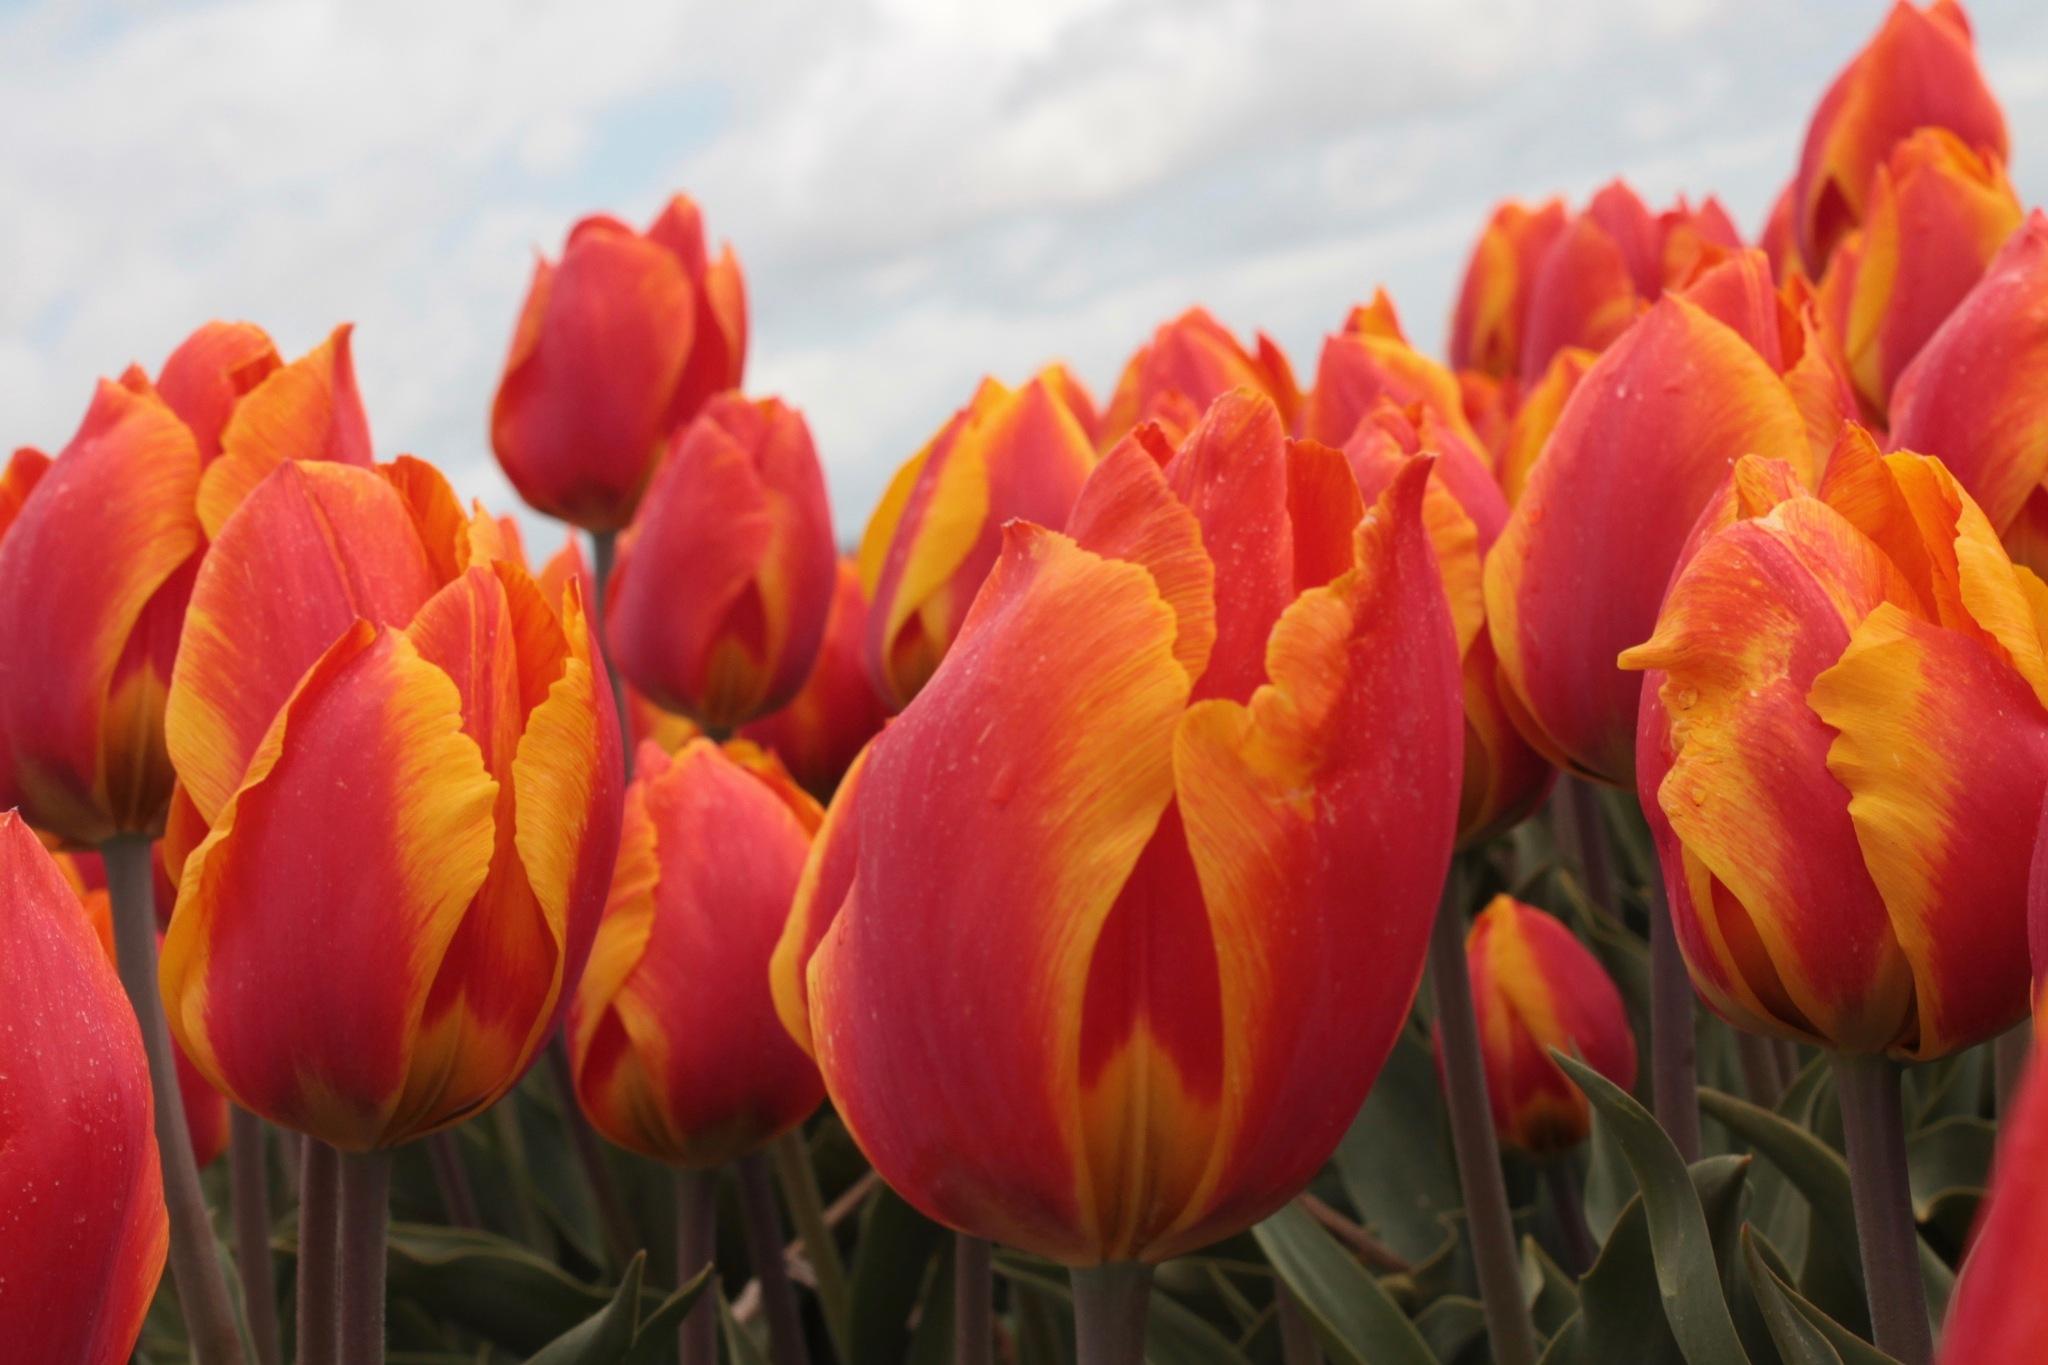 Red Tulips Holland by George Tijhaar